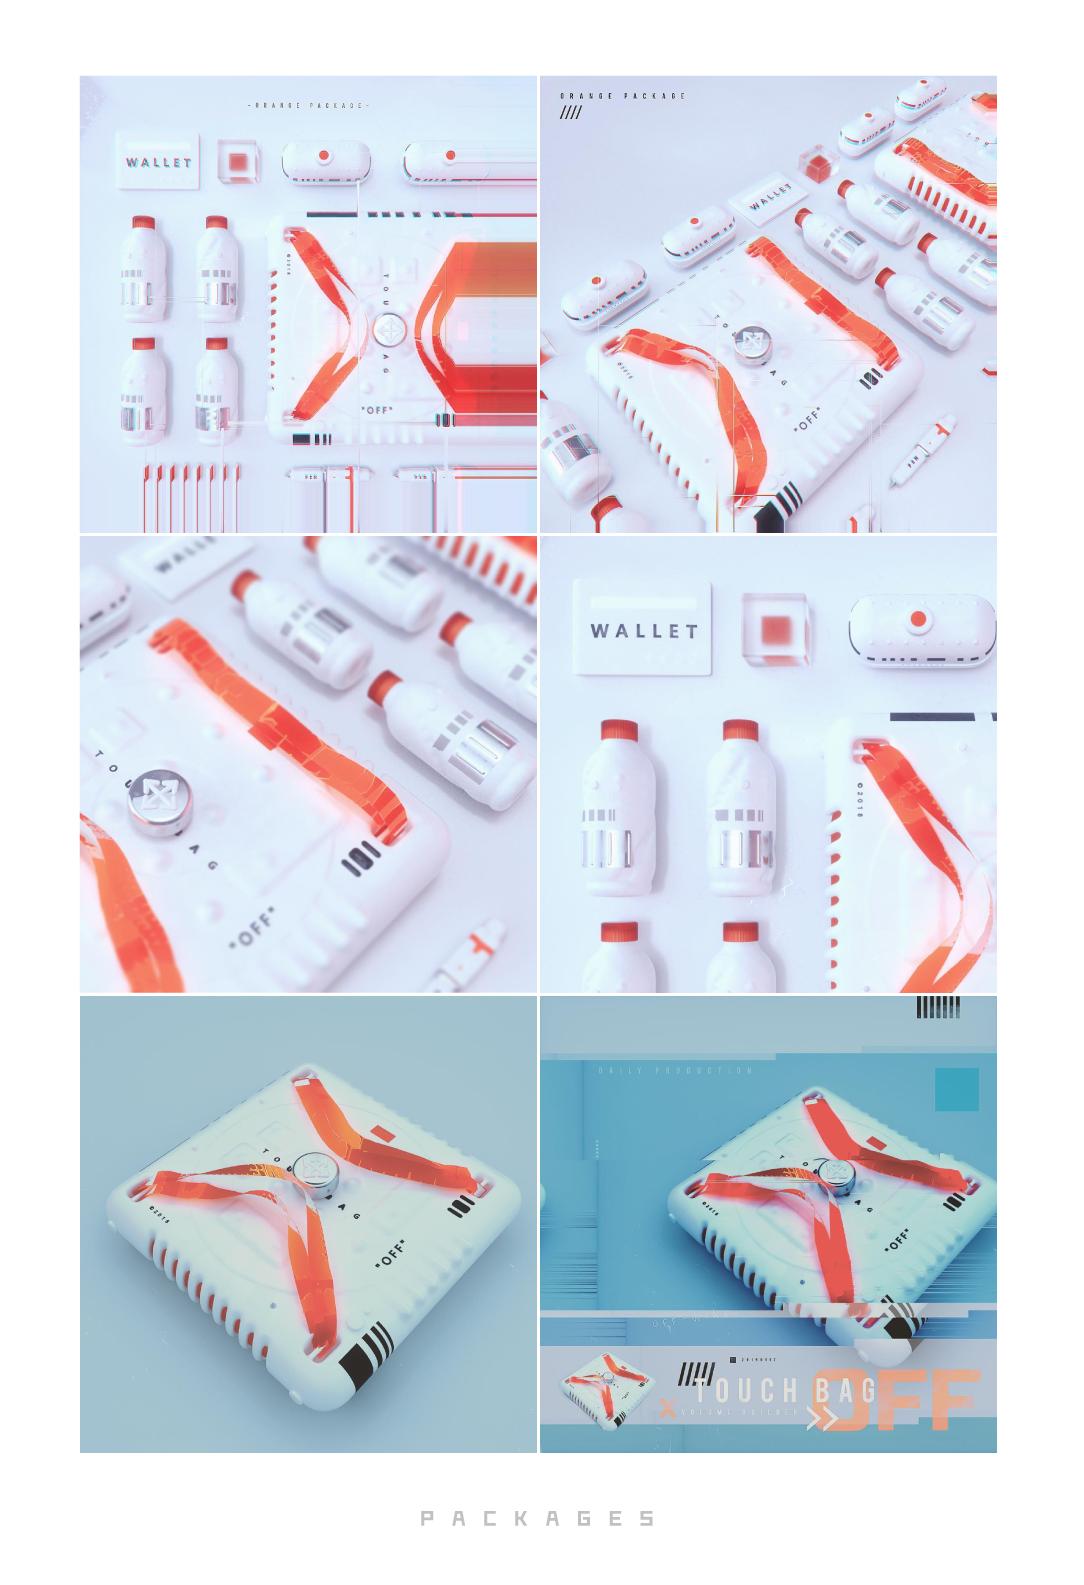 查看《梅红C4D 图形每日设计 (八)》原图,原图尺寸:1084x1585